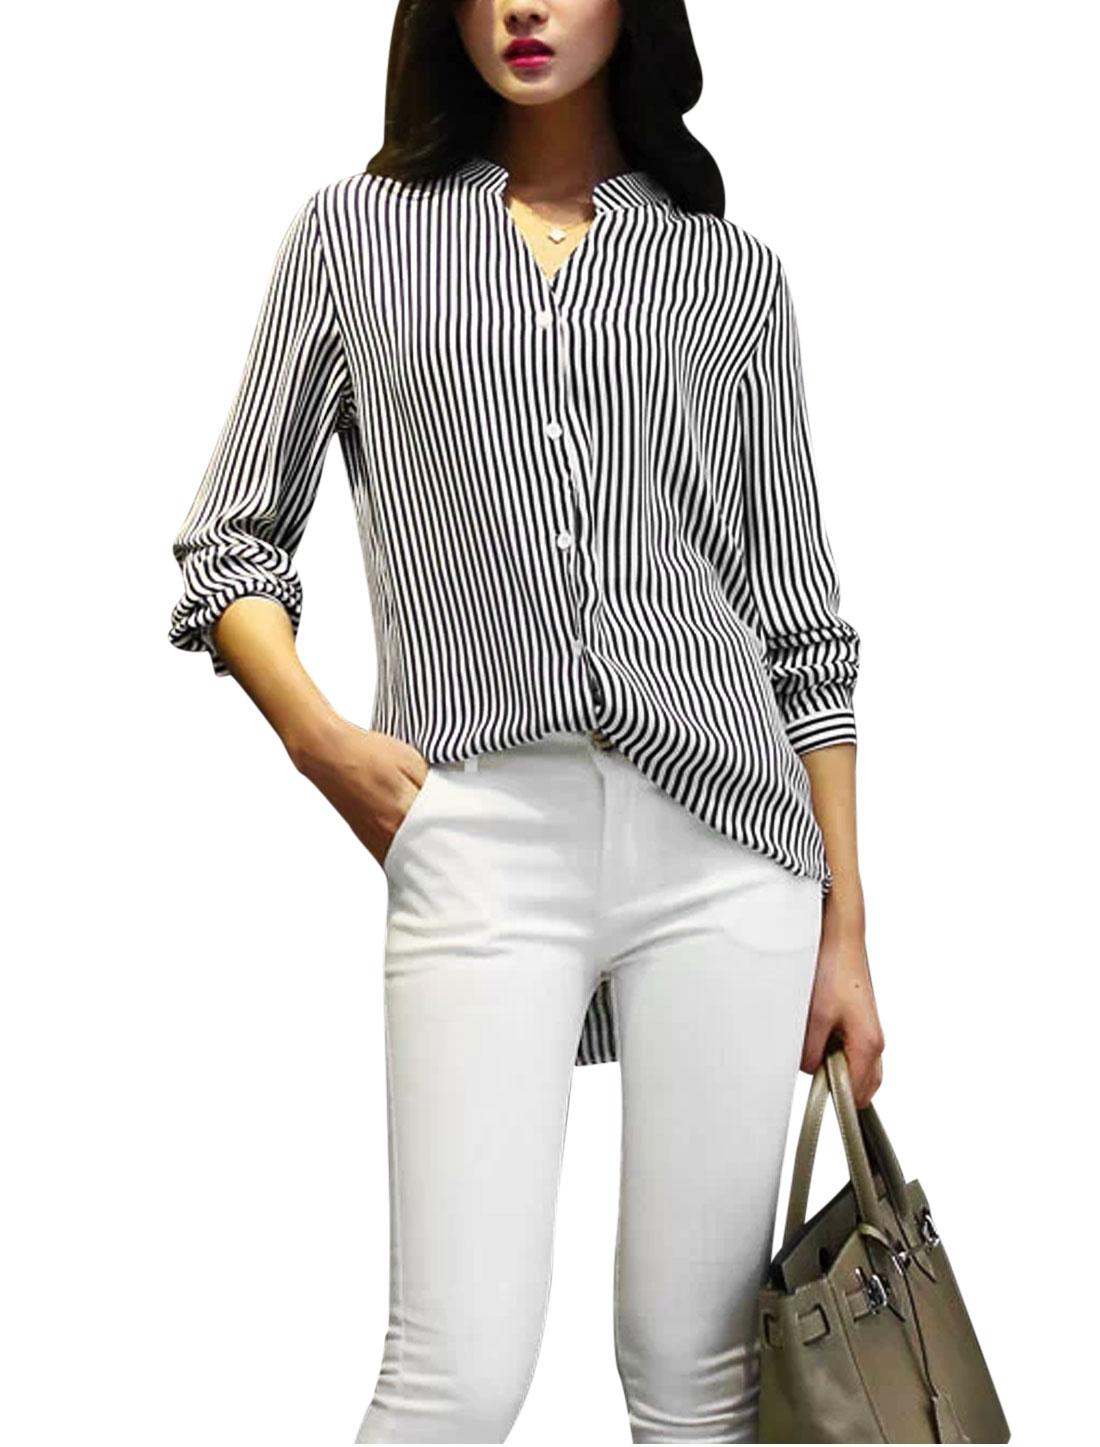 Ladies Mandarin Collar Vertical Stripes Pattern Elegant Shirt Black White S